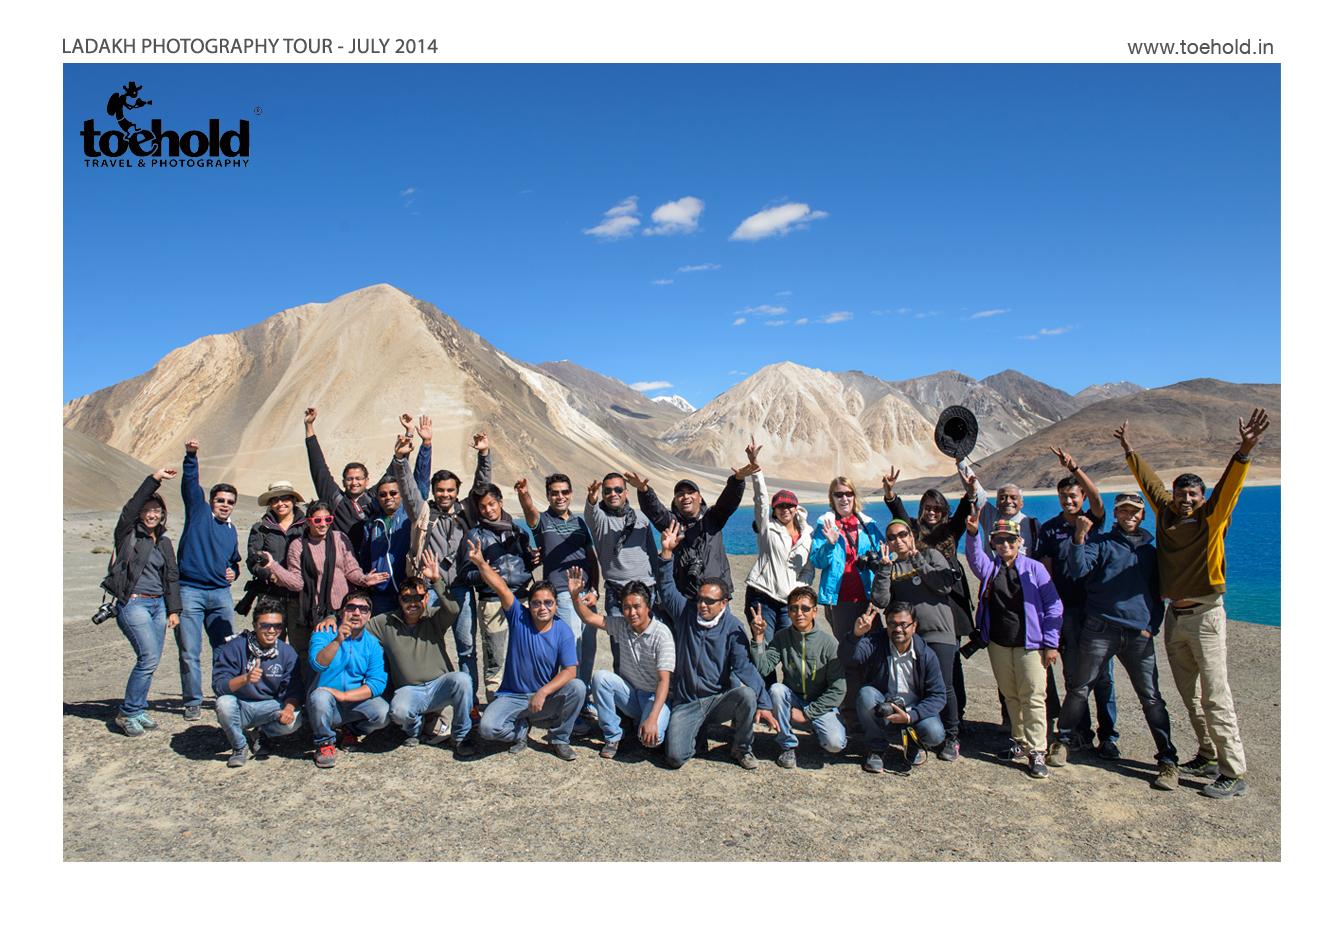 Ladakh_Toehold_PhotoTour_2014